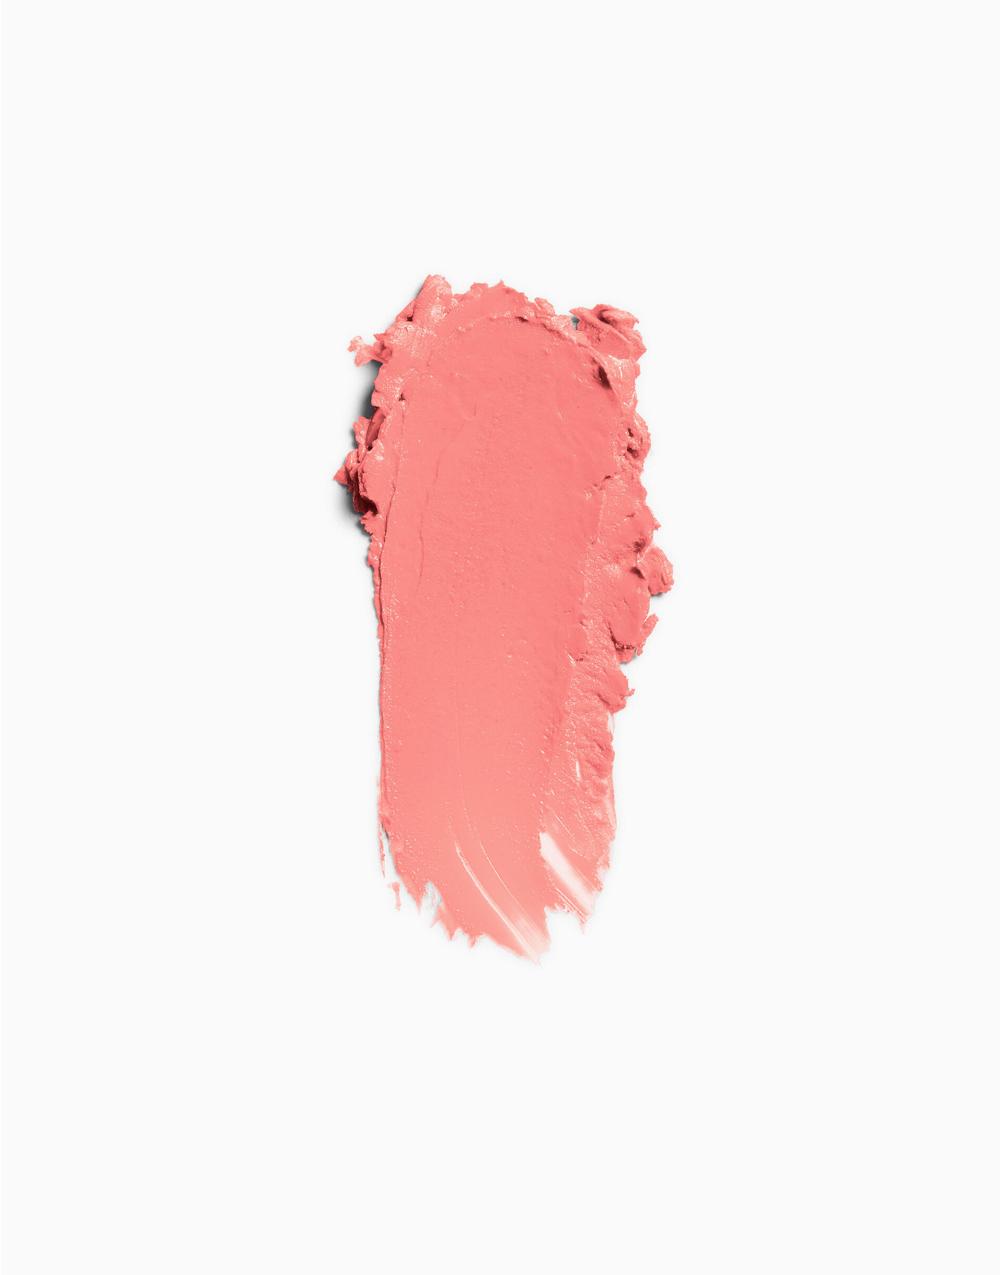 Exhibitionist Cream Lipstick by CoverGirl   CRÈME